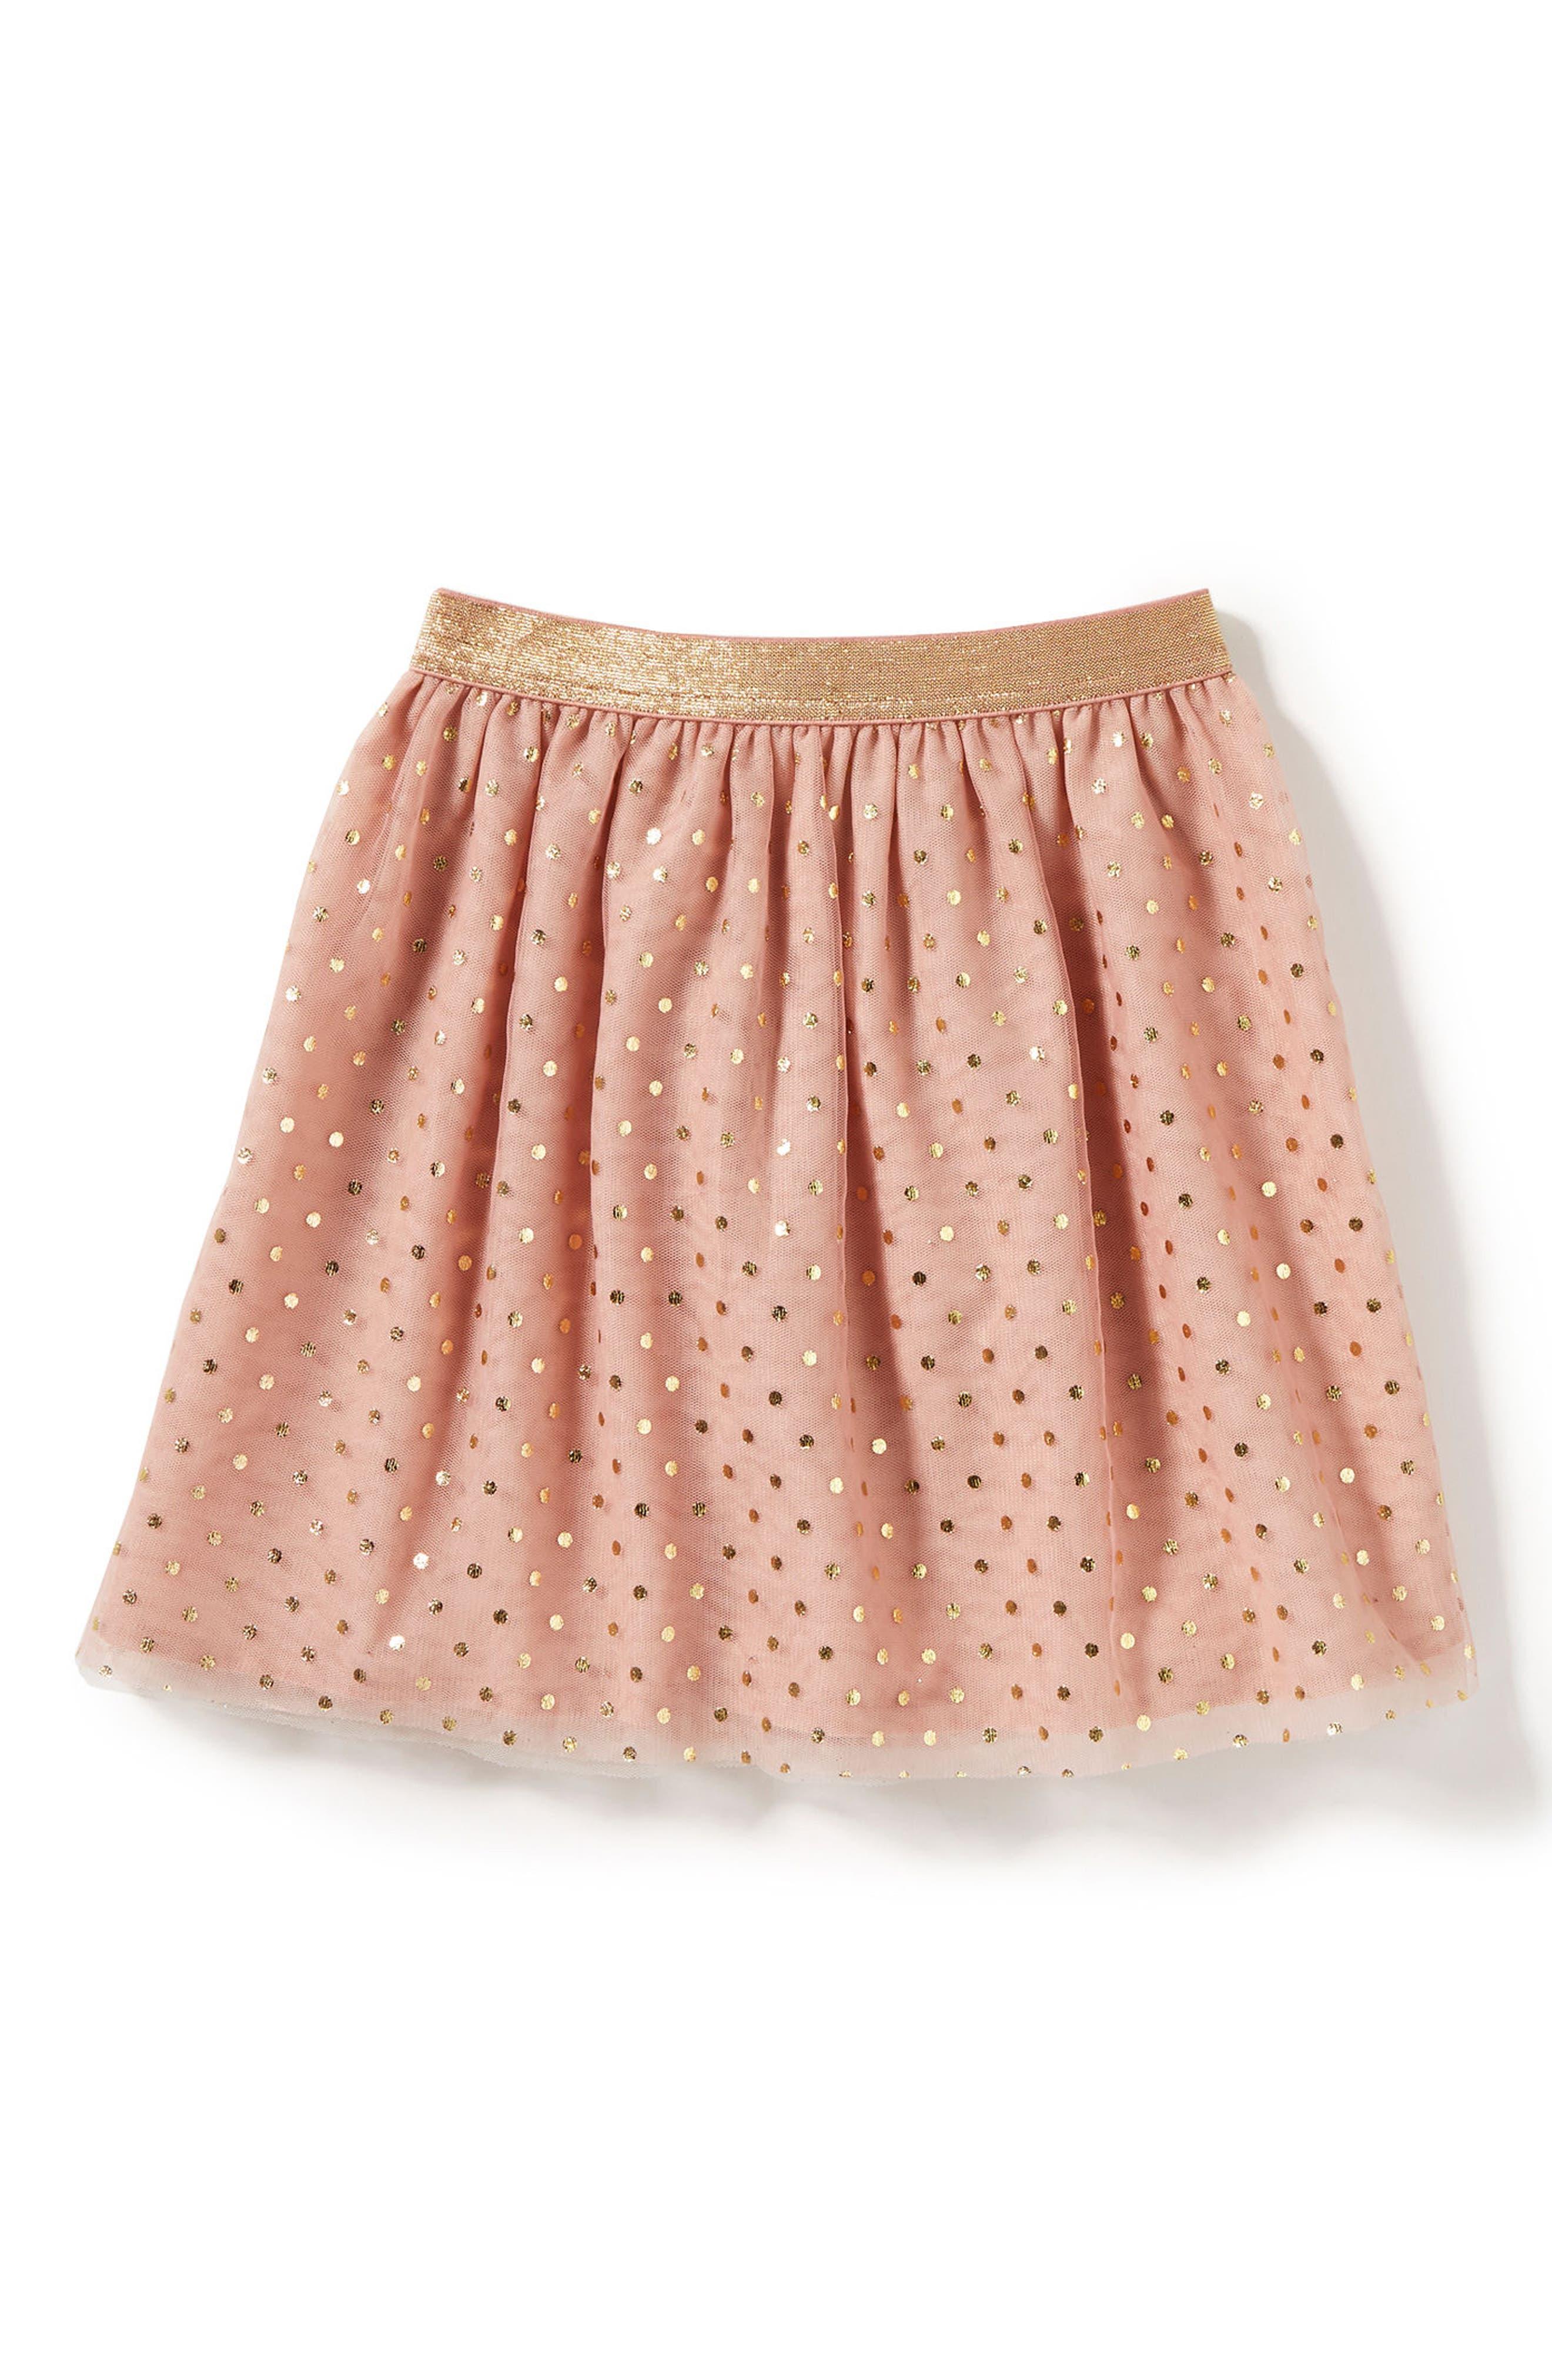 Peek Belle Polka Dot Mesh Skirt (Toddler Girls, Little Girls & Big Girls)